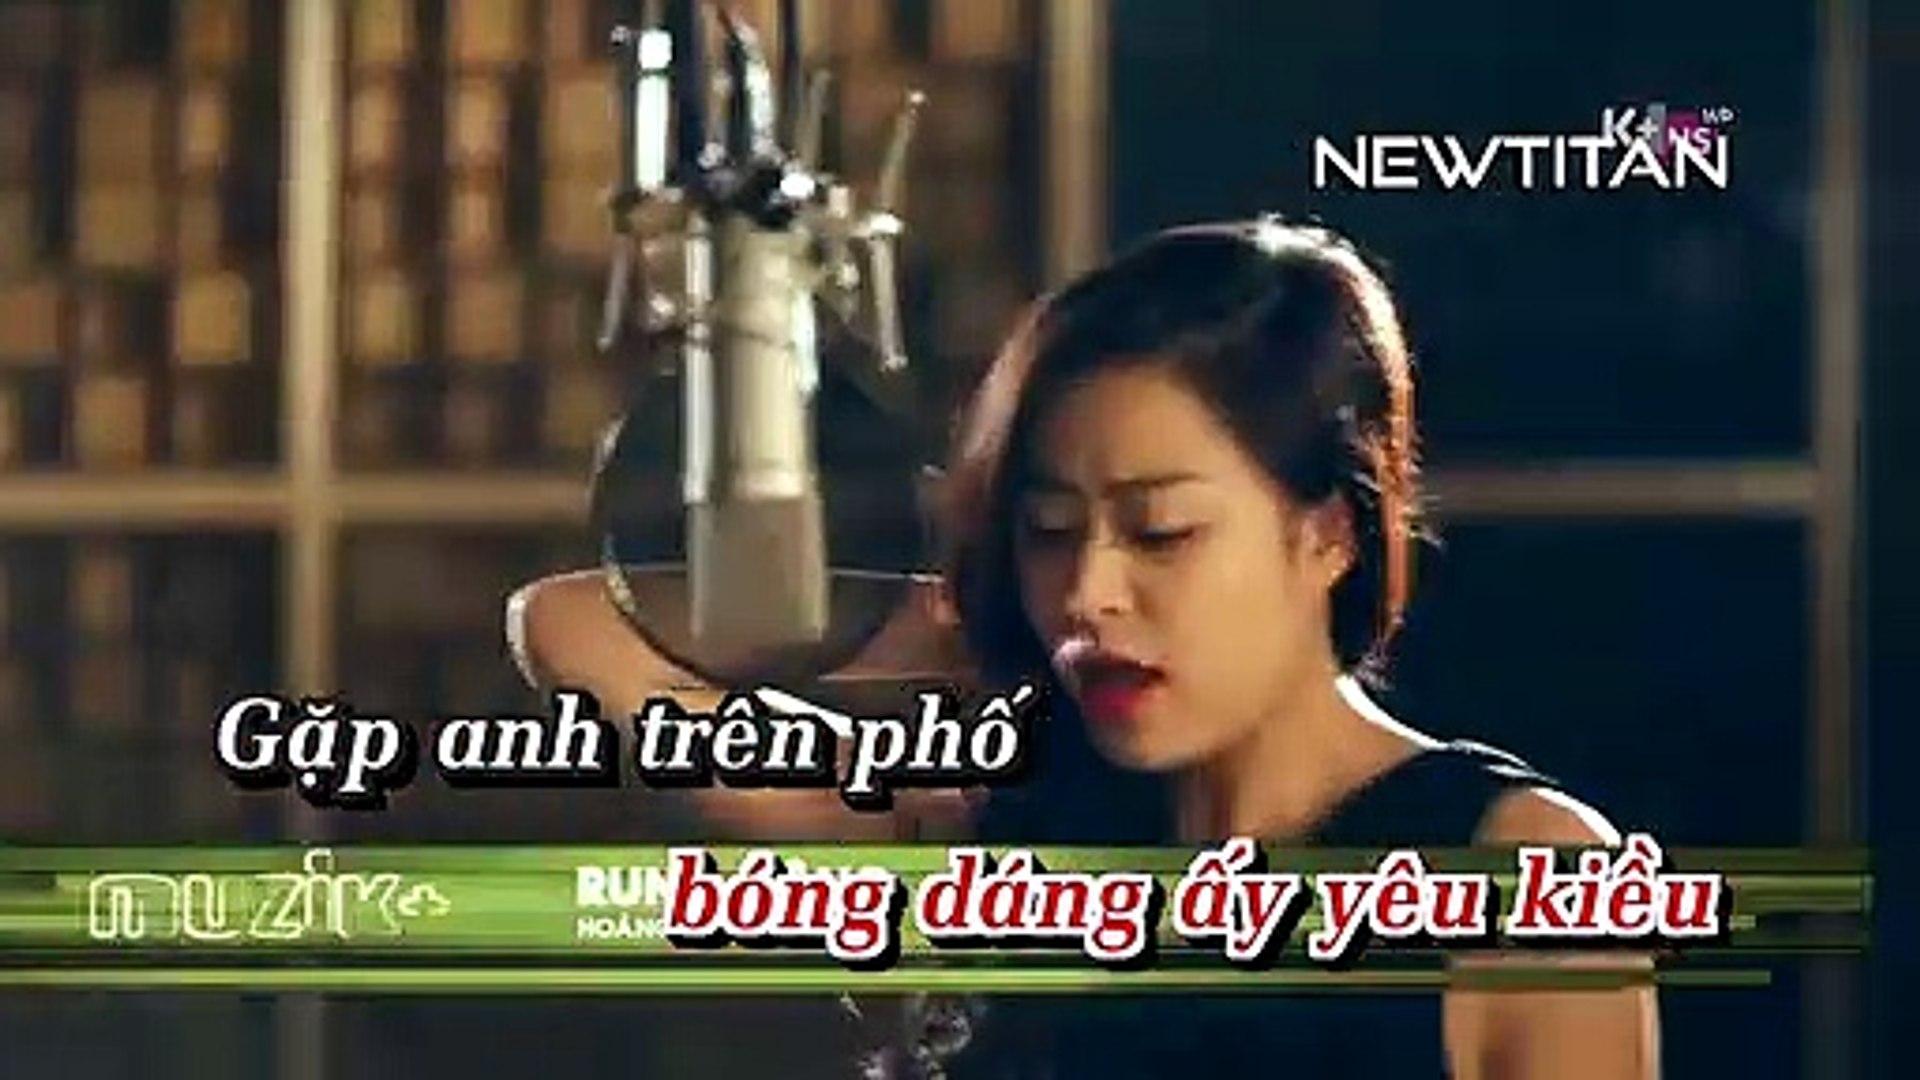 [Karaoke] Rung Động - Hoàng Thùy Linh [Beat]